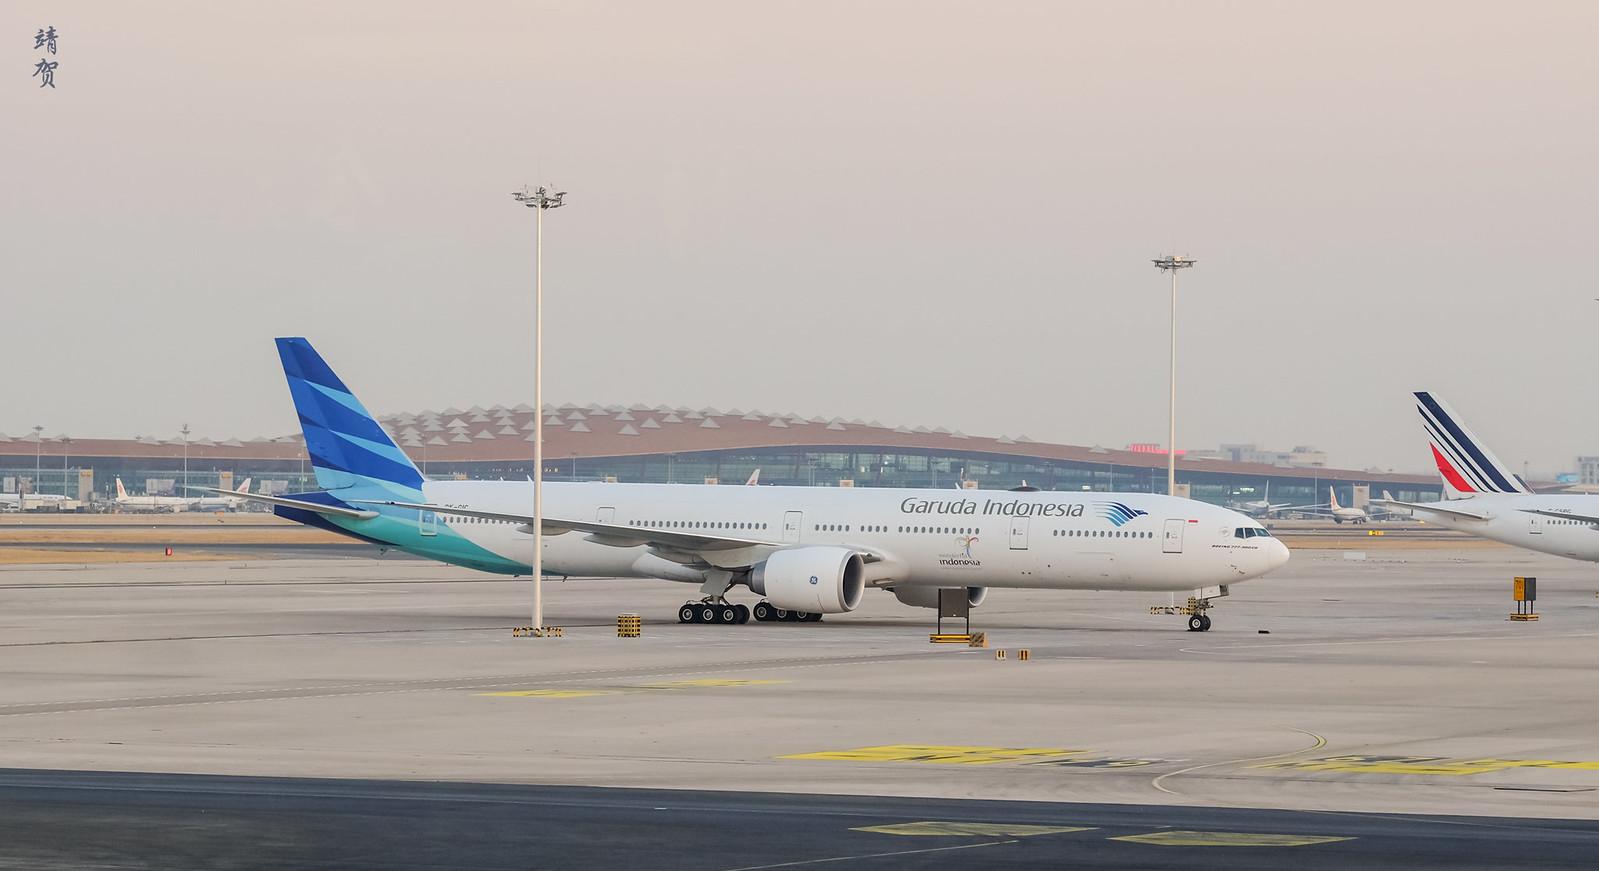 Garuda Indonesia 777 at PEK